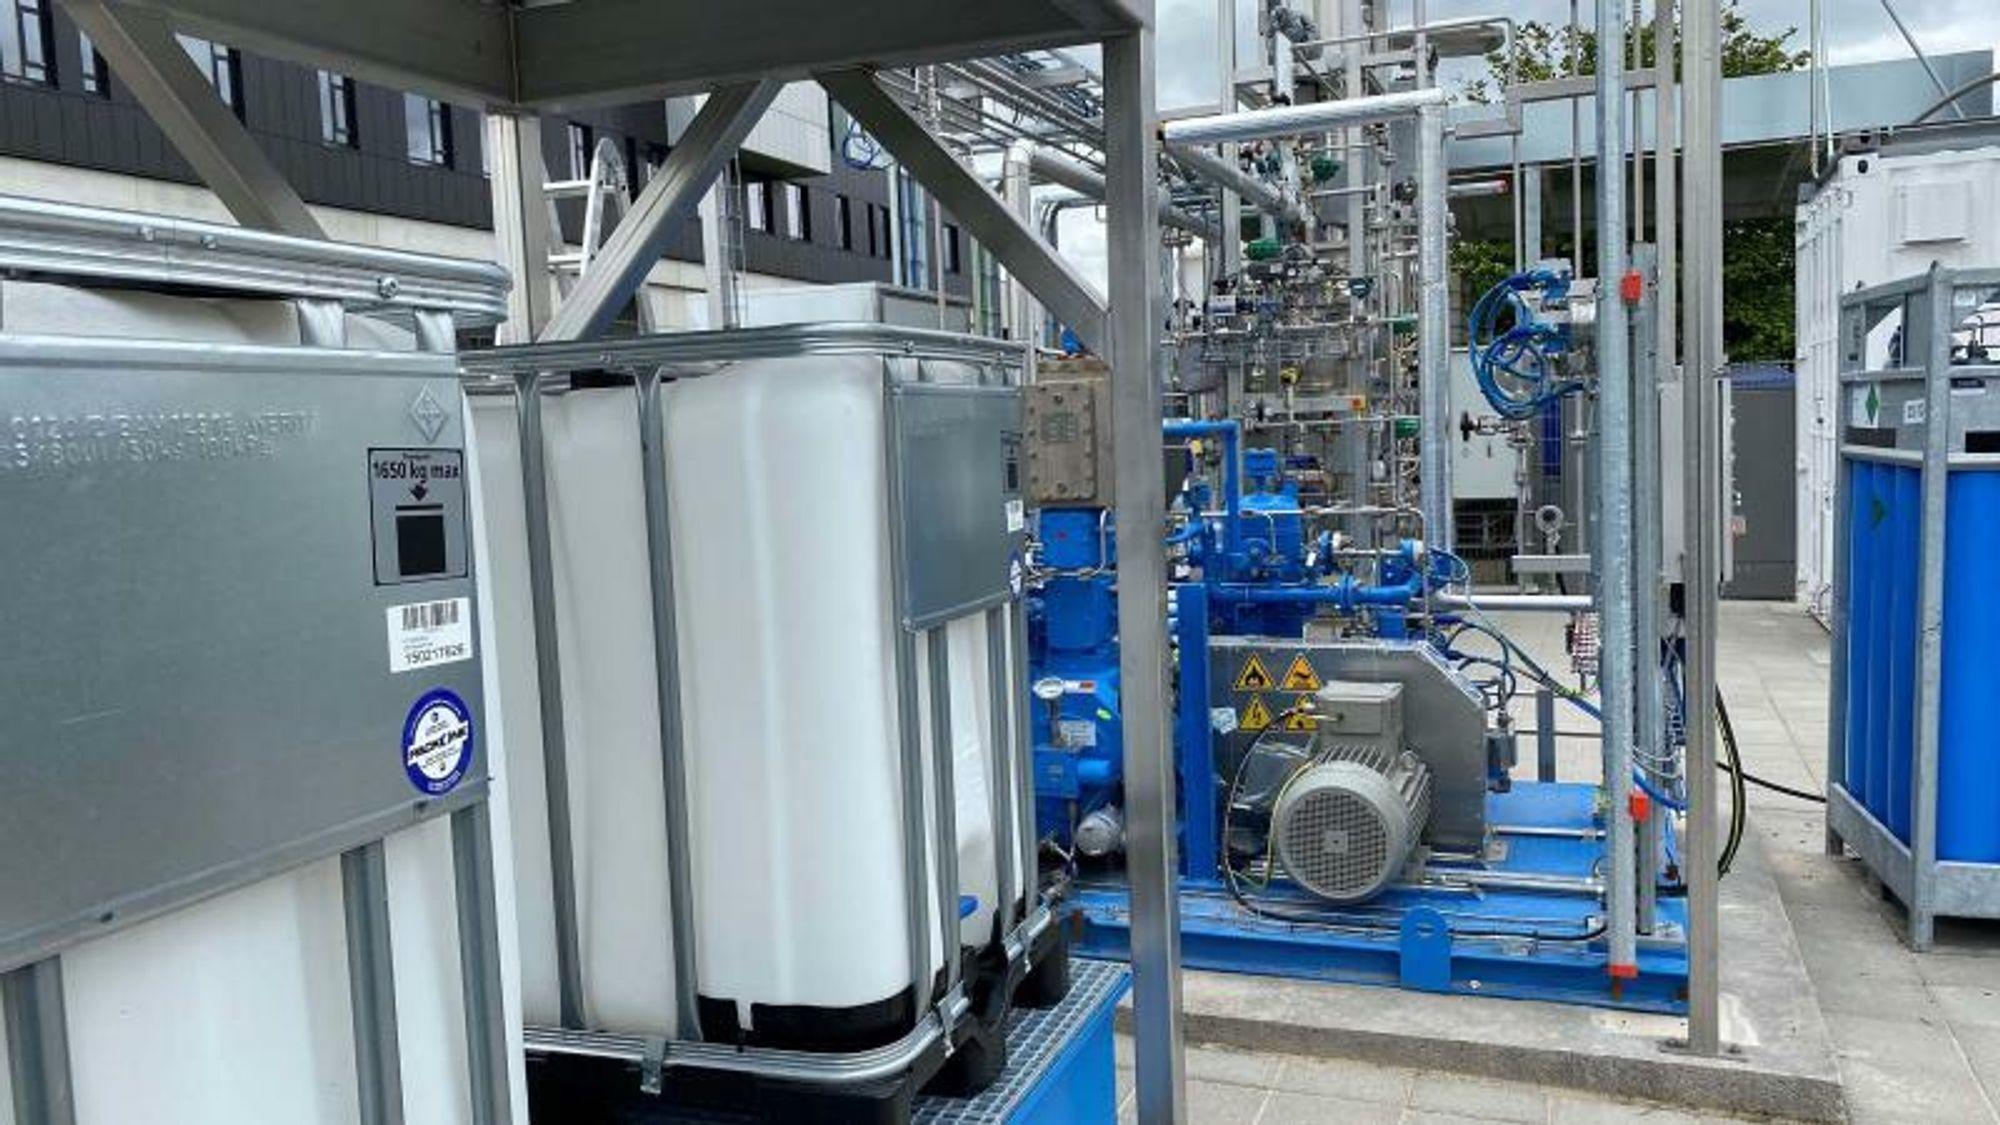 Danmarks første anlegg for produksjon av metanol basert på hydrogen og CO2 er etablert av prosjektet Power2Met.